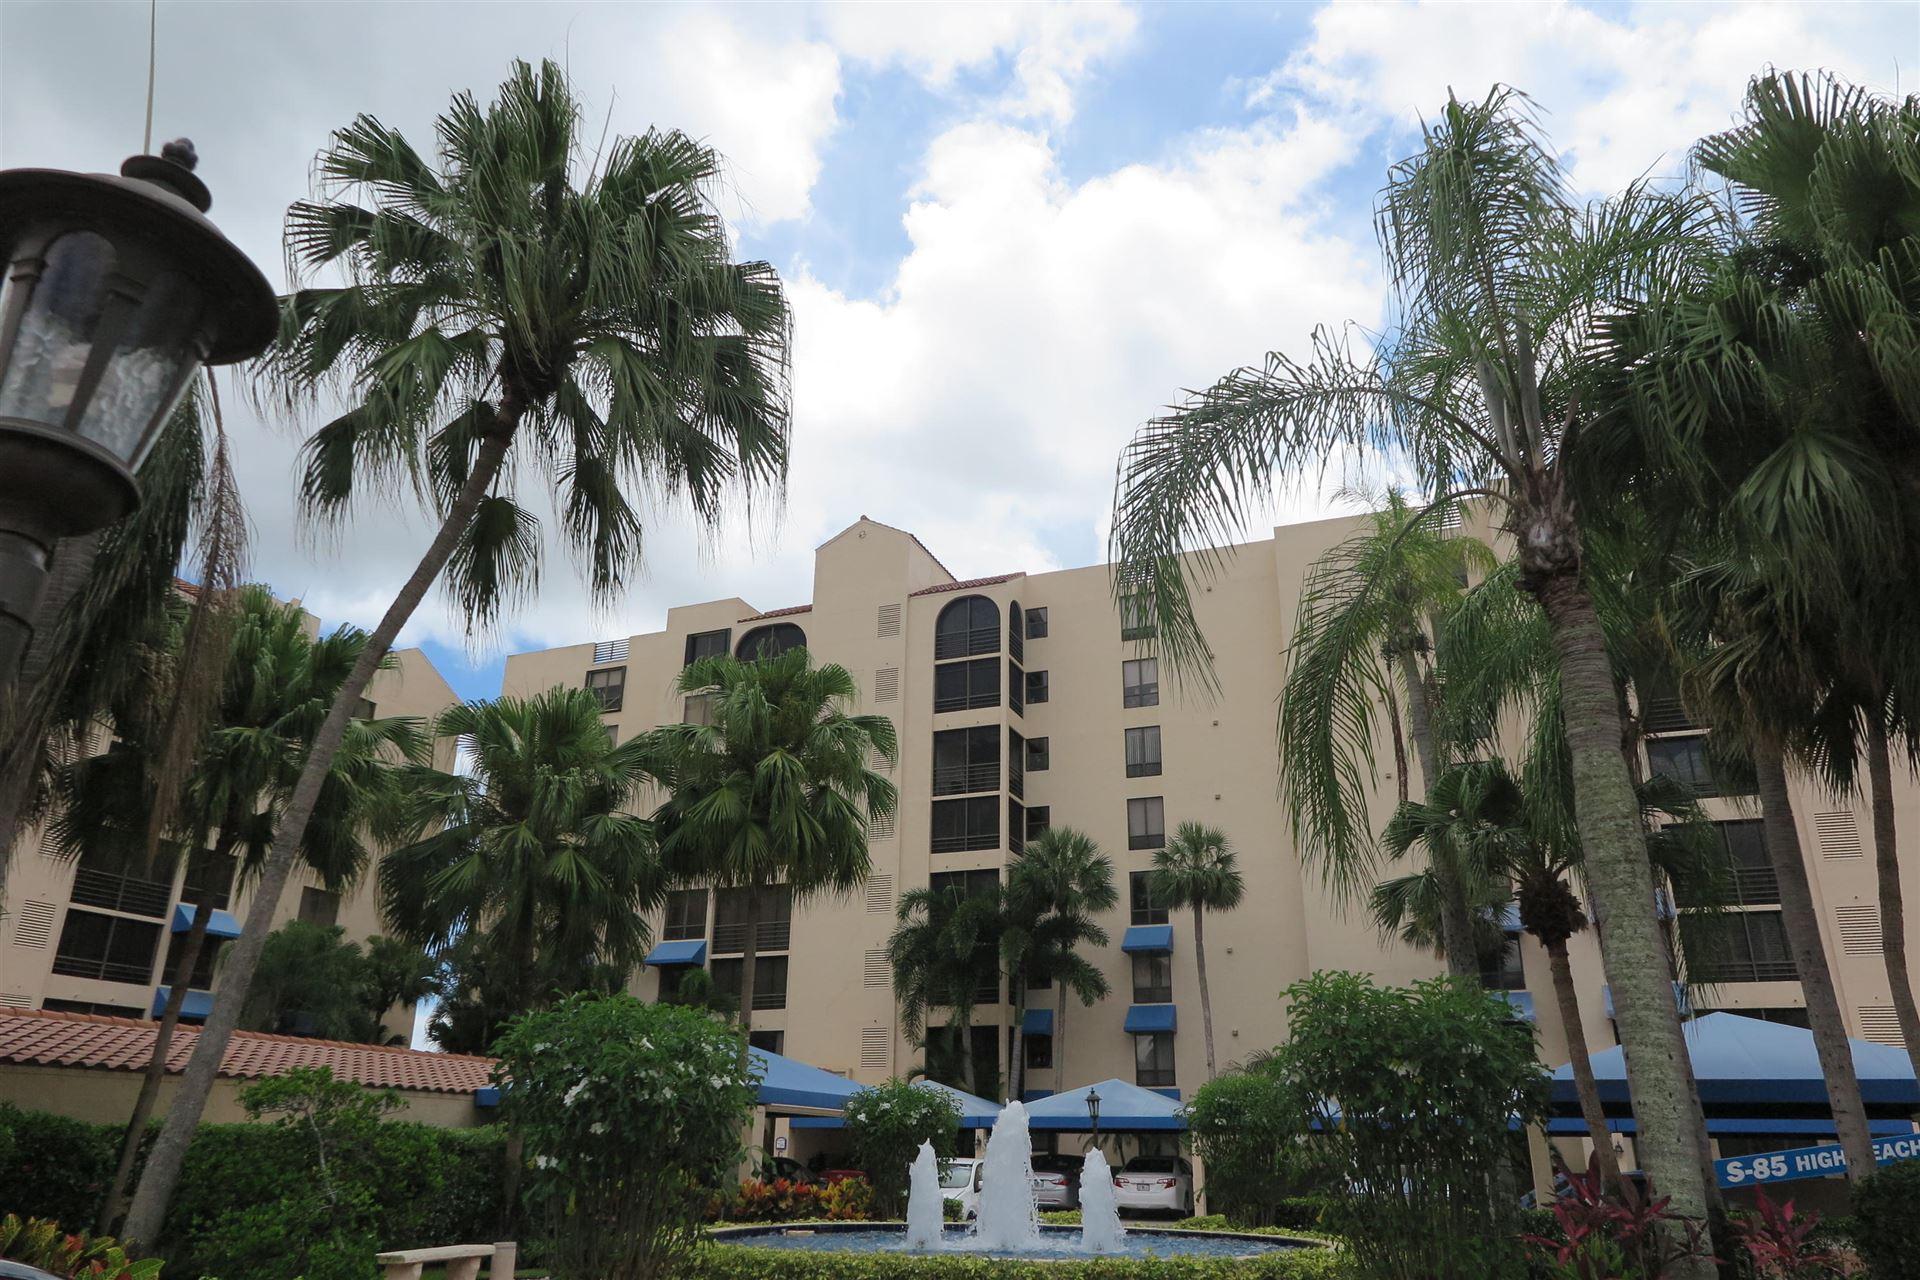 7202 Promenade Drive #602, Boca Raton, FL 33433 - #: RX-10631147